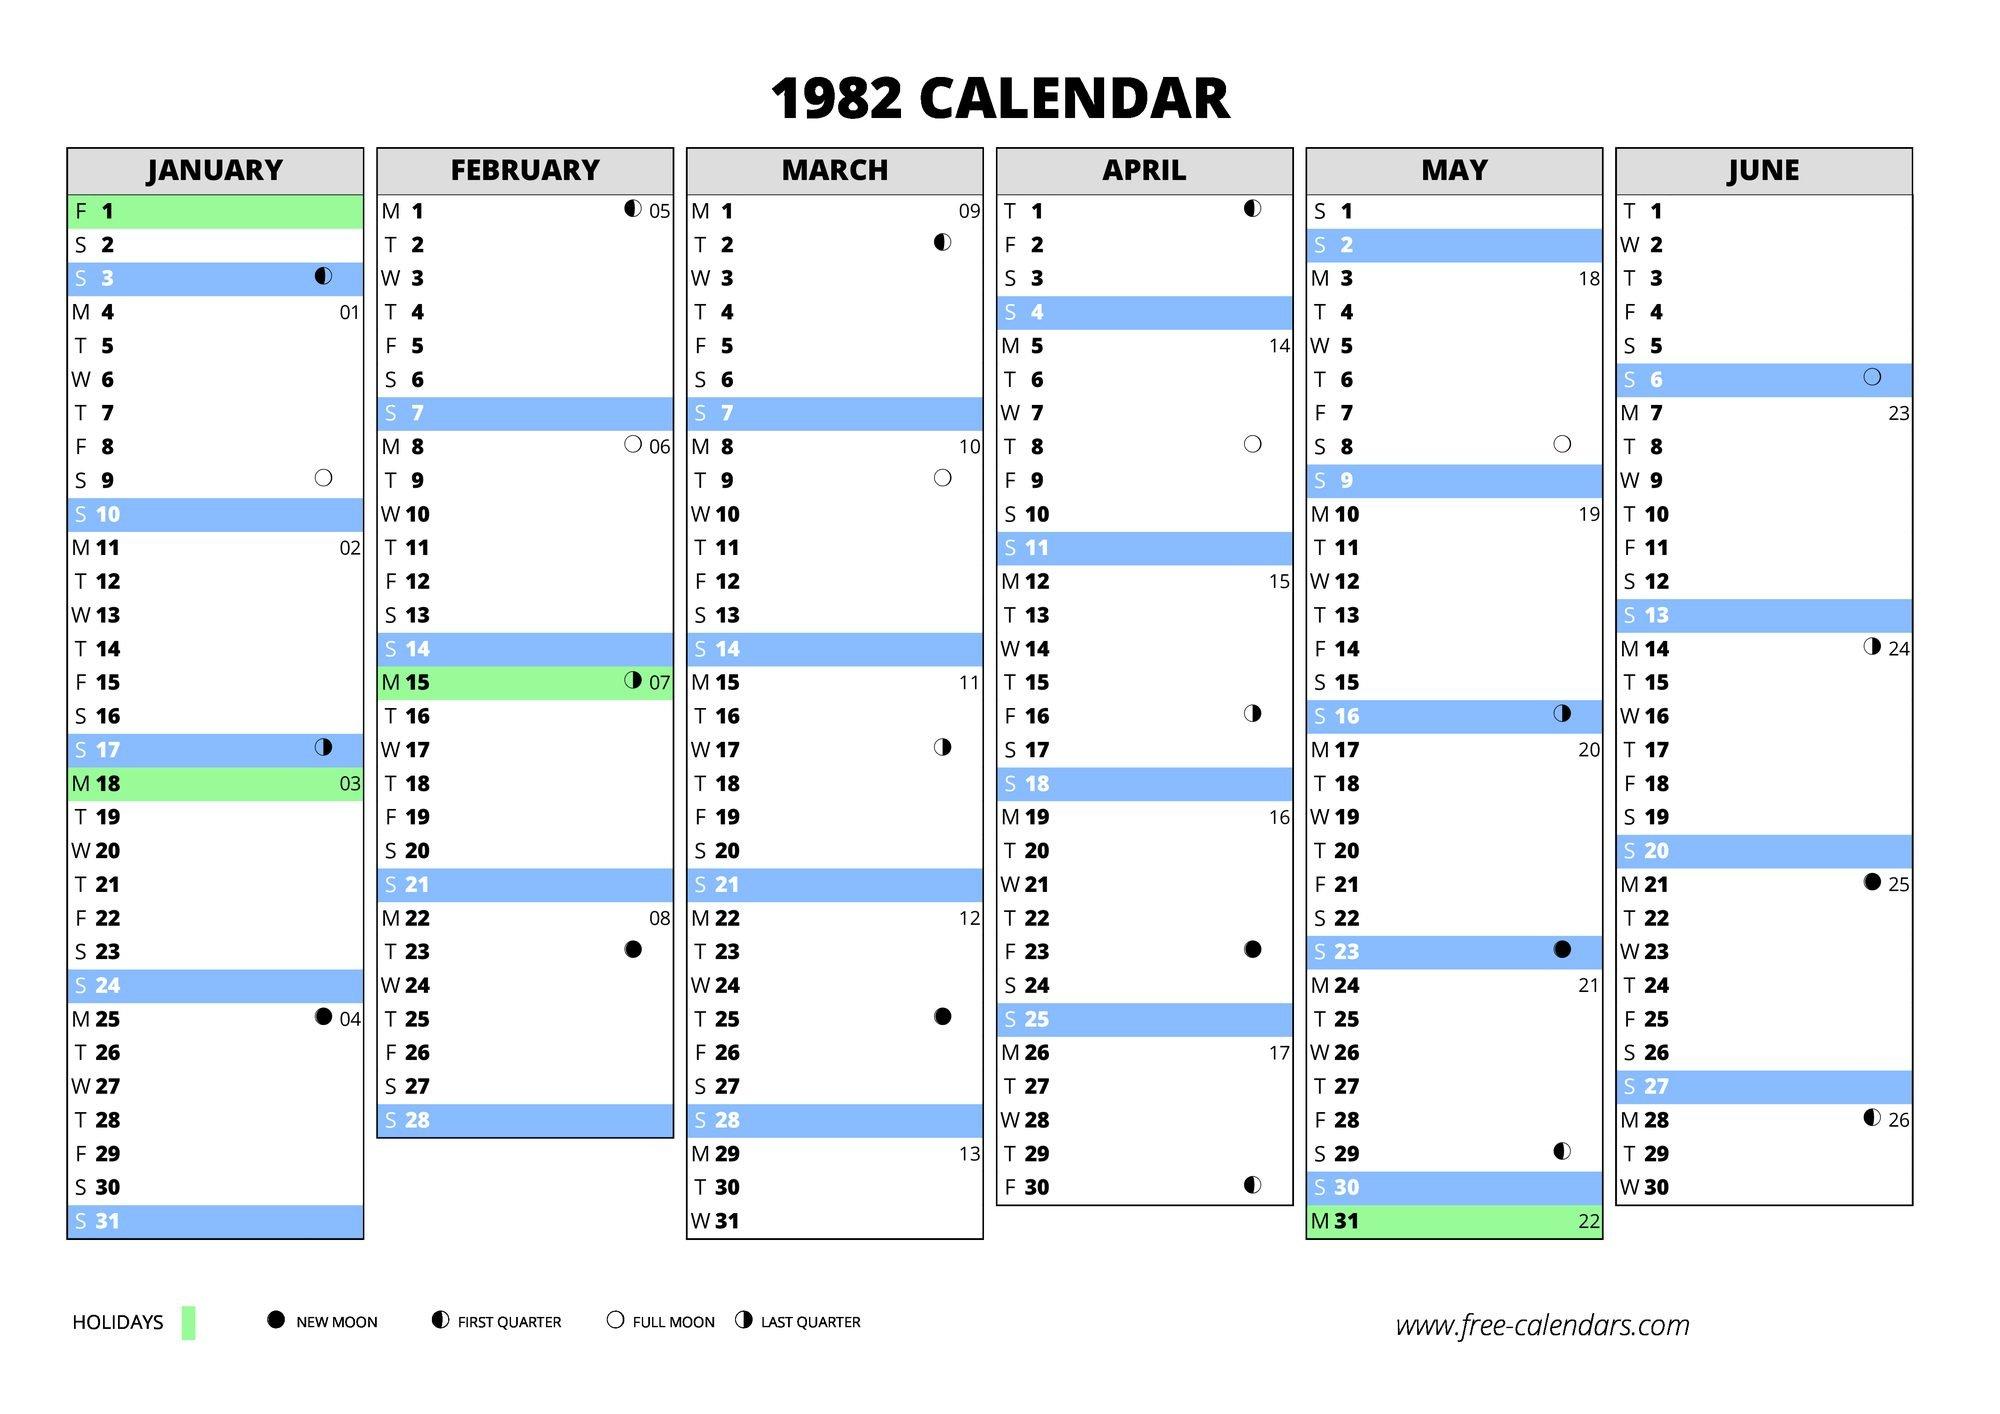 1982 Calendar ≡ Free Calendars Weekly Numbered 52 Week Calendar Printable